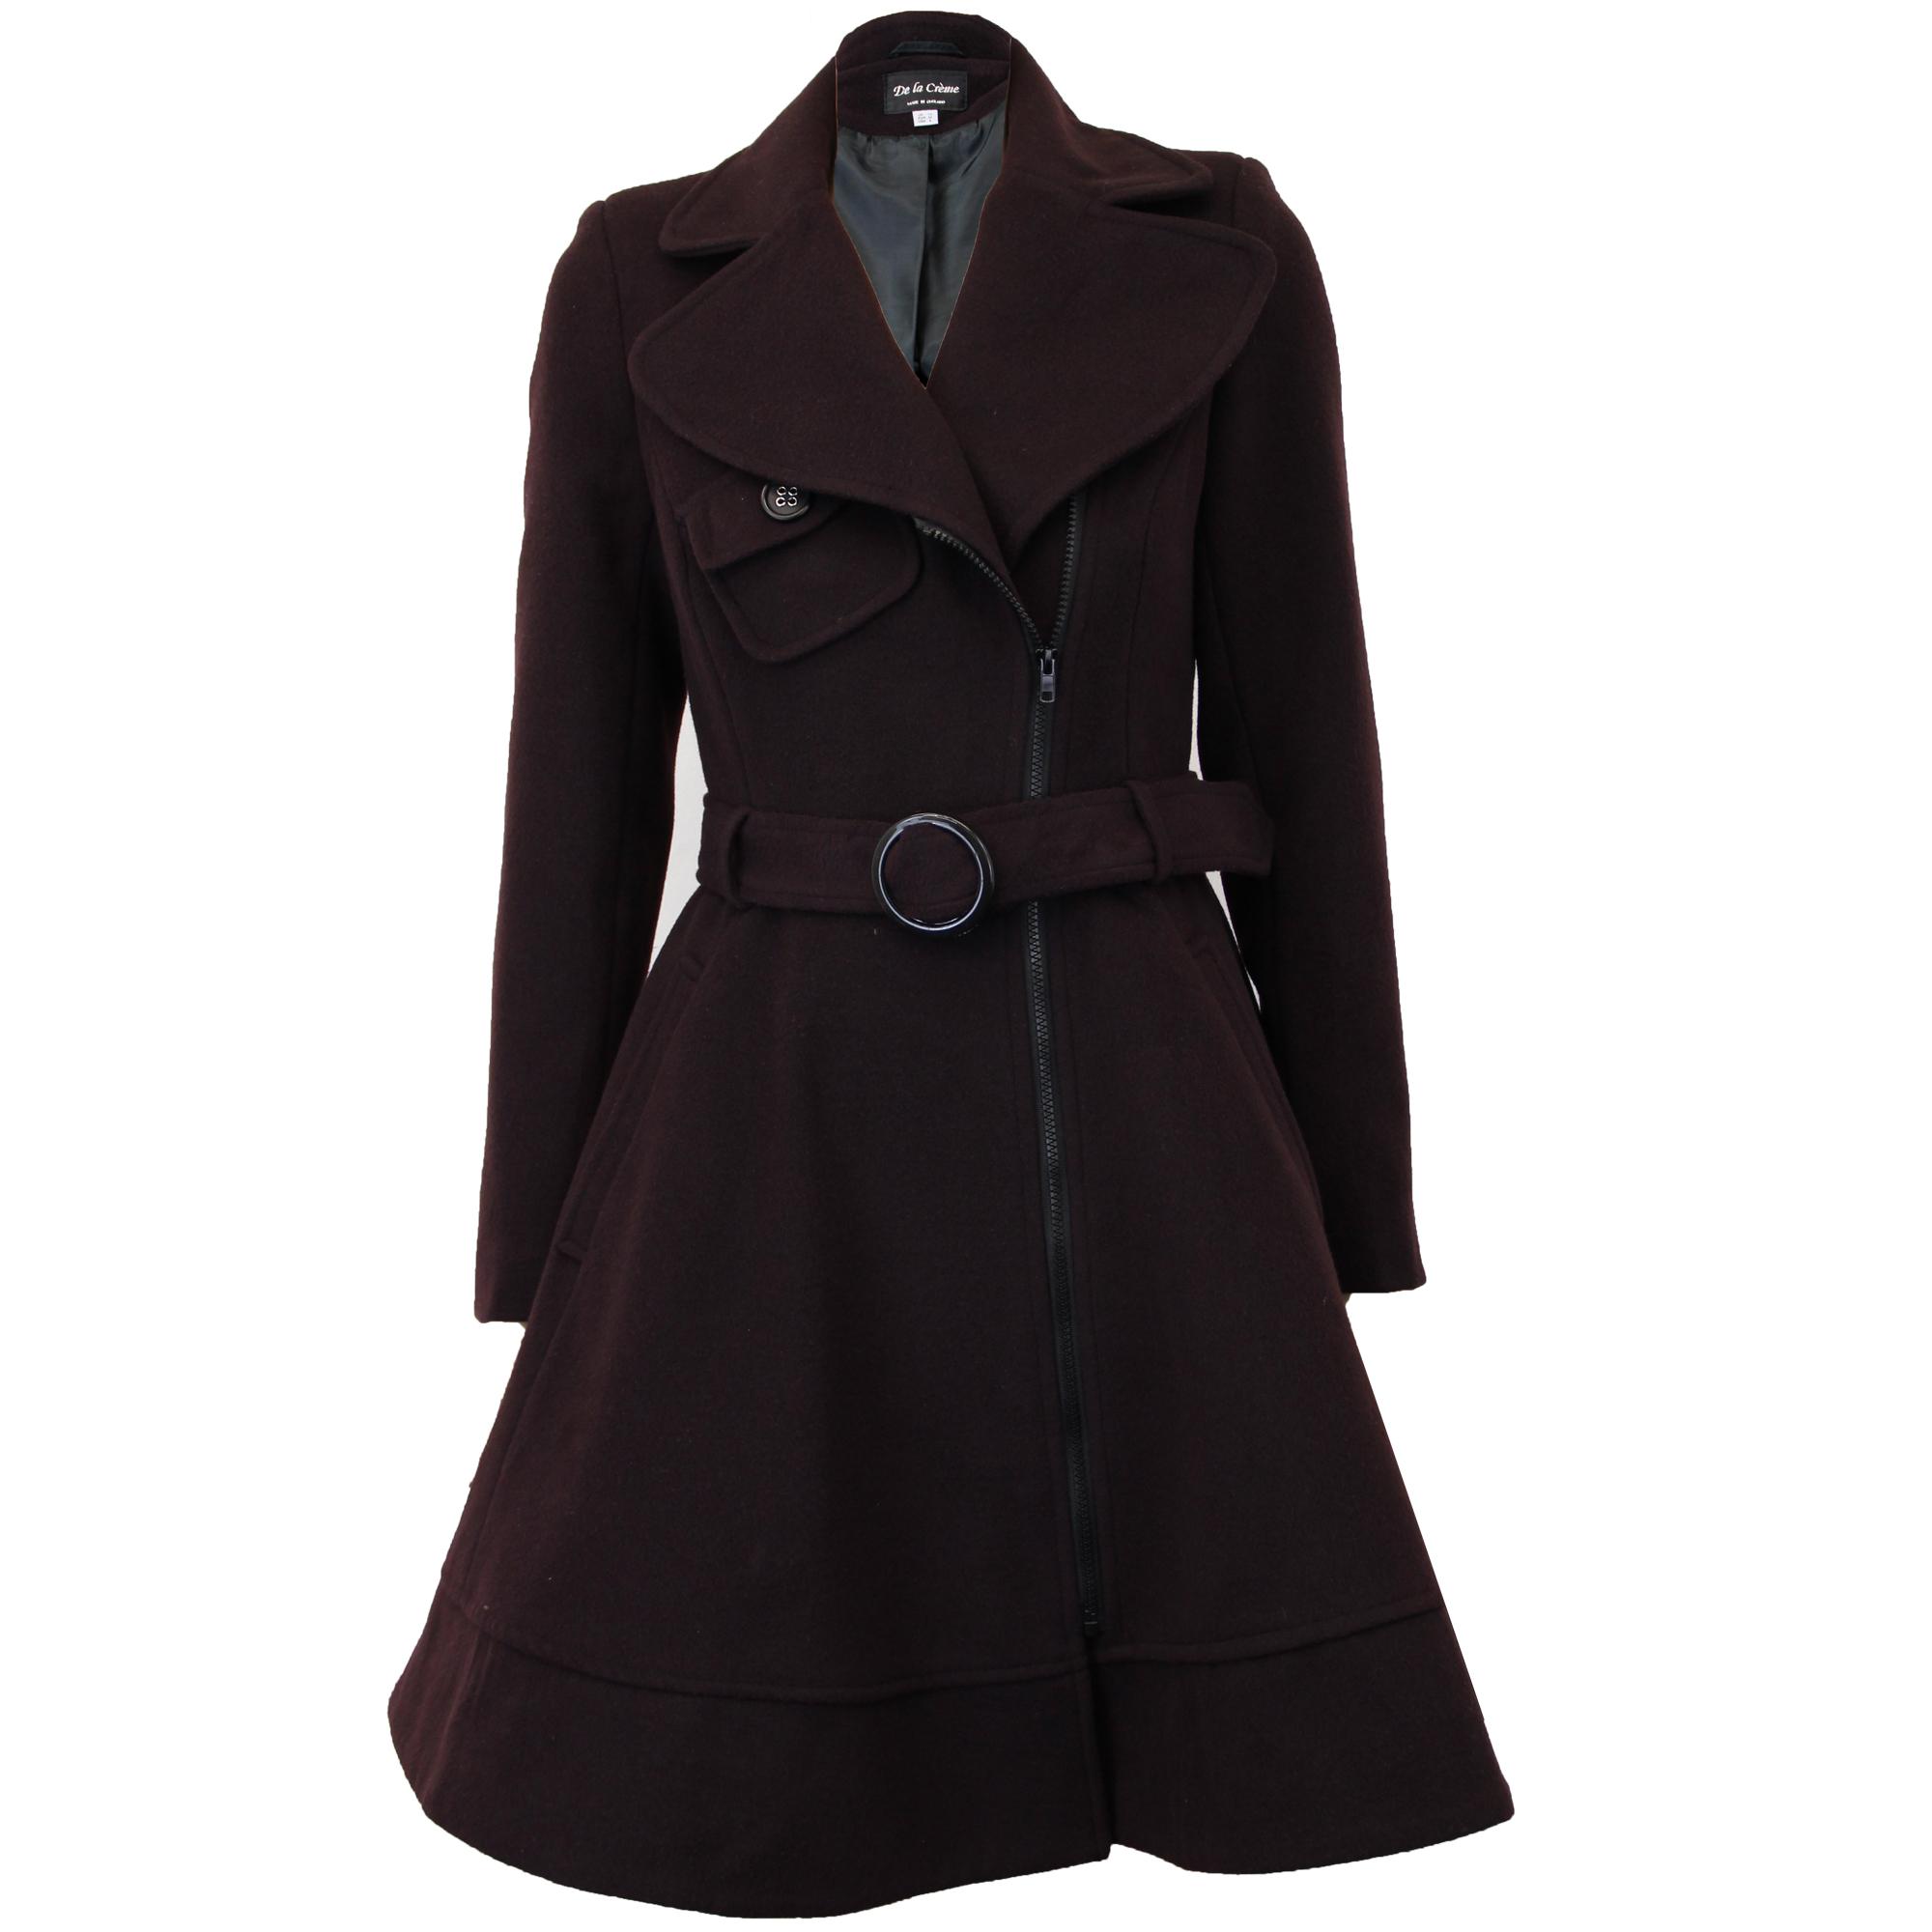 Womens wool coats